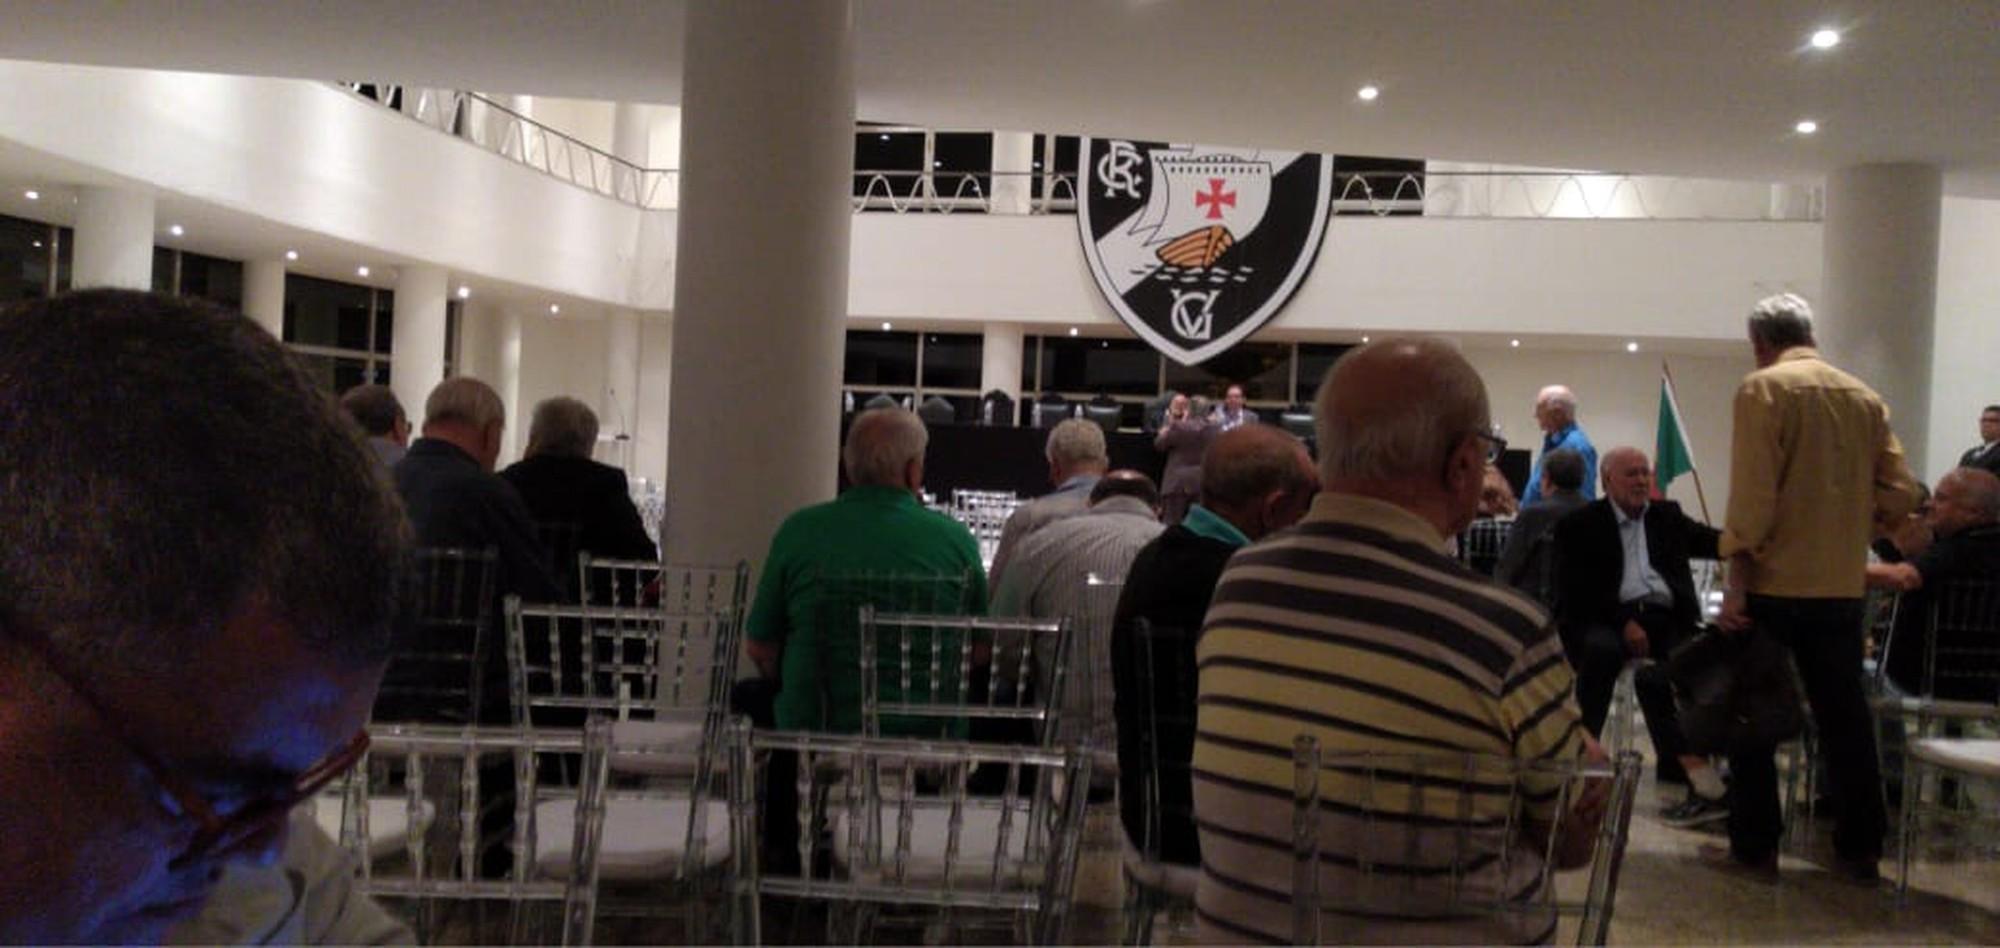 Reunião do Conselho do Vasco